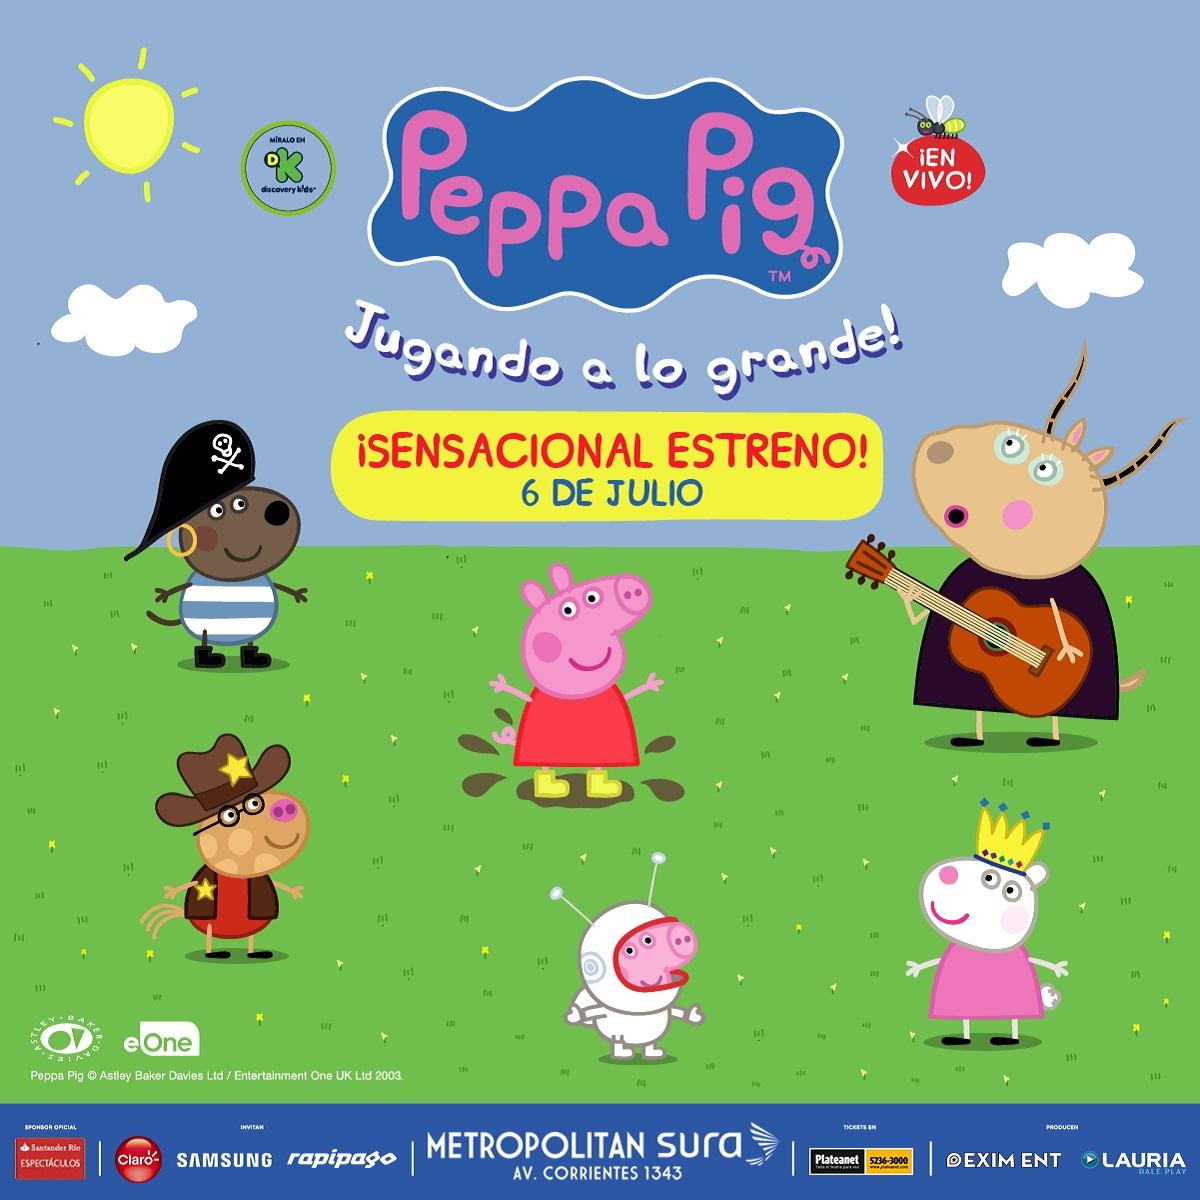 Peppa Pig ¡Jugando a lo grande!